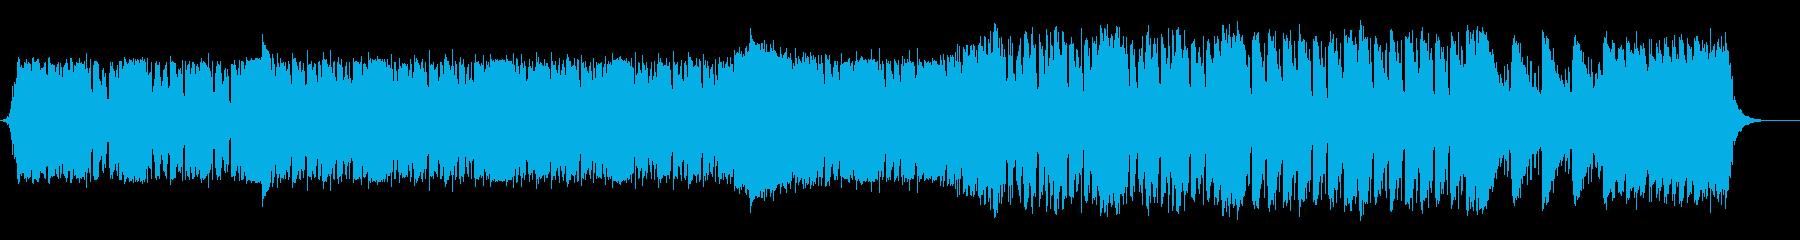 Alt Mix Terrifyin...の再生済みの波形